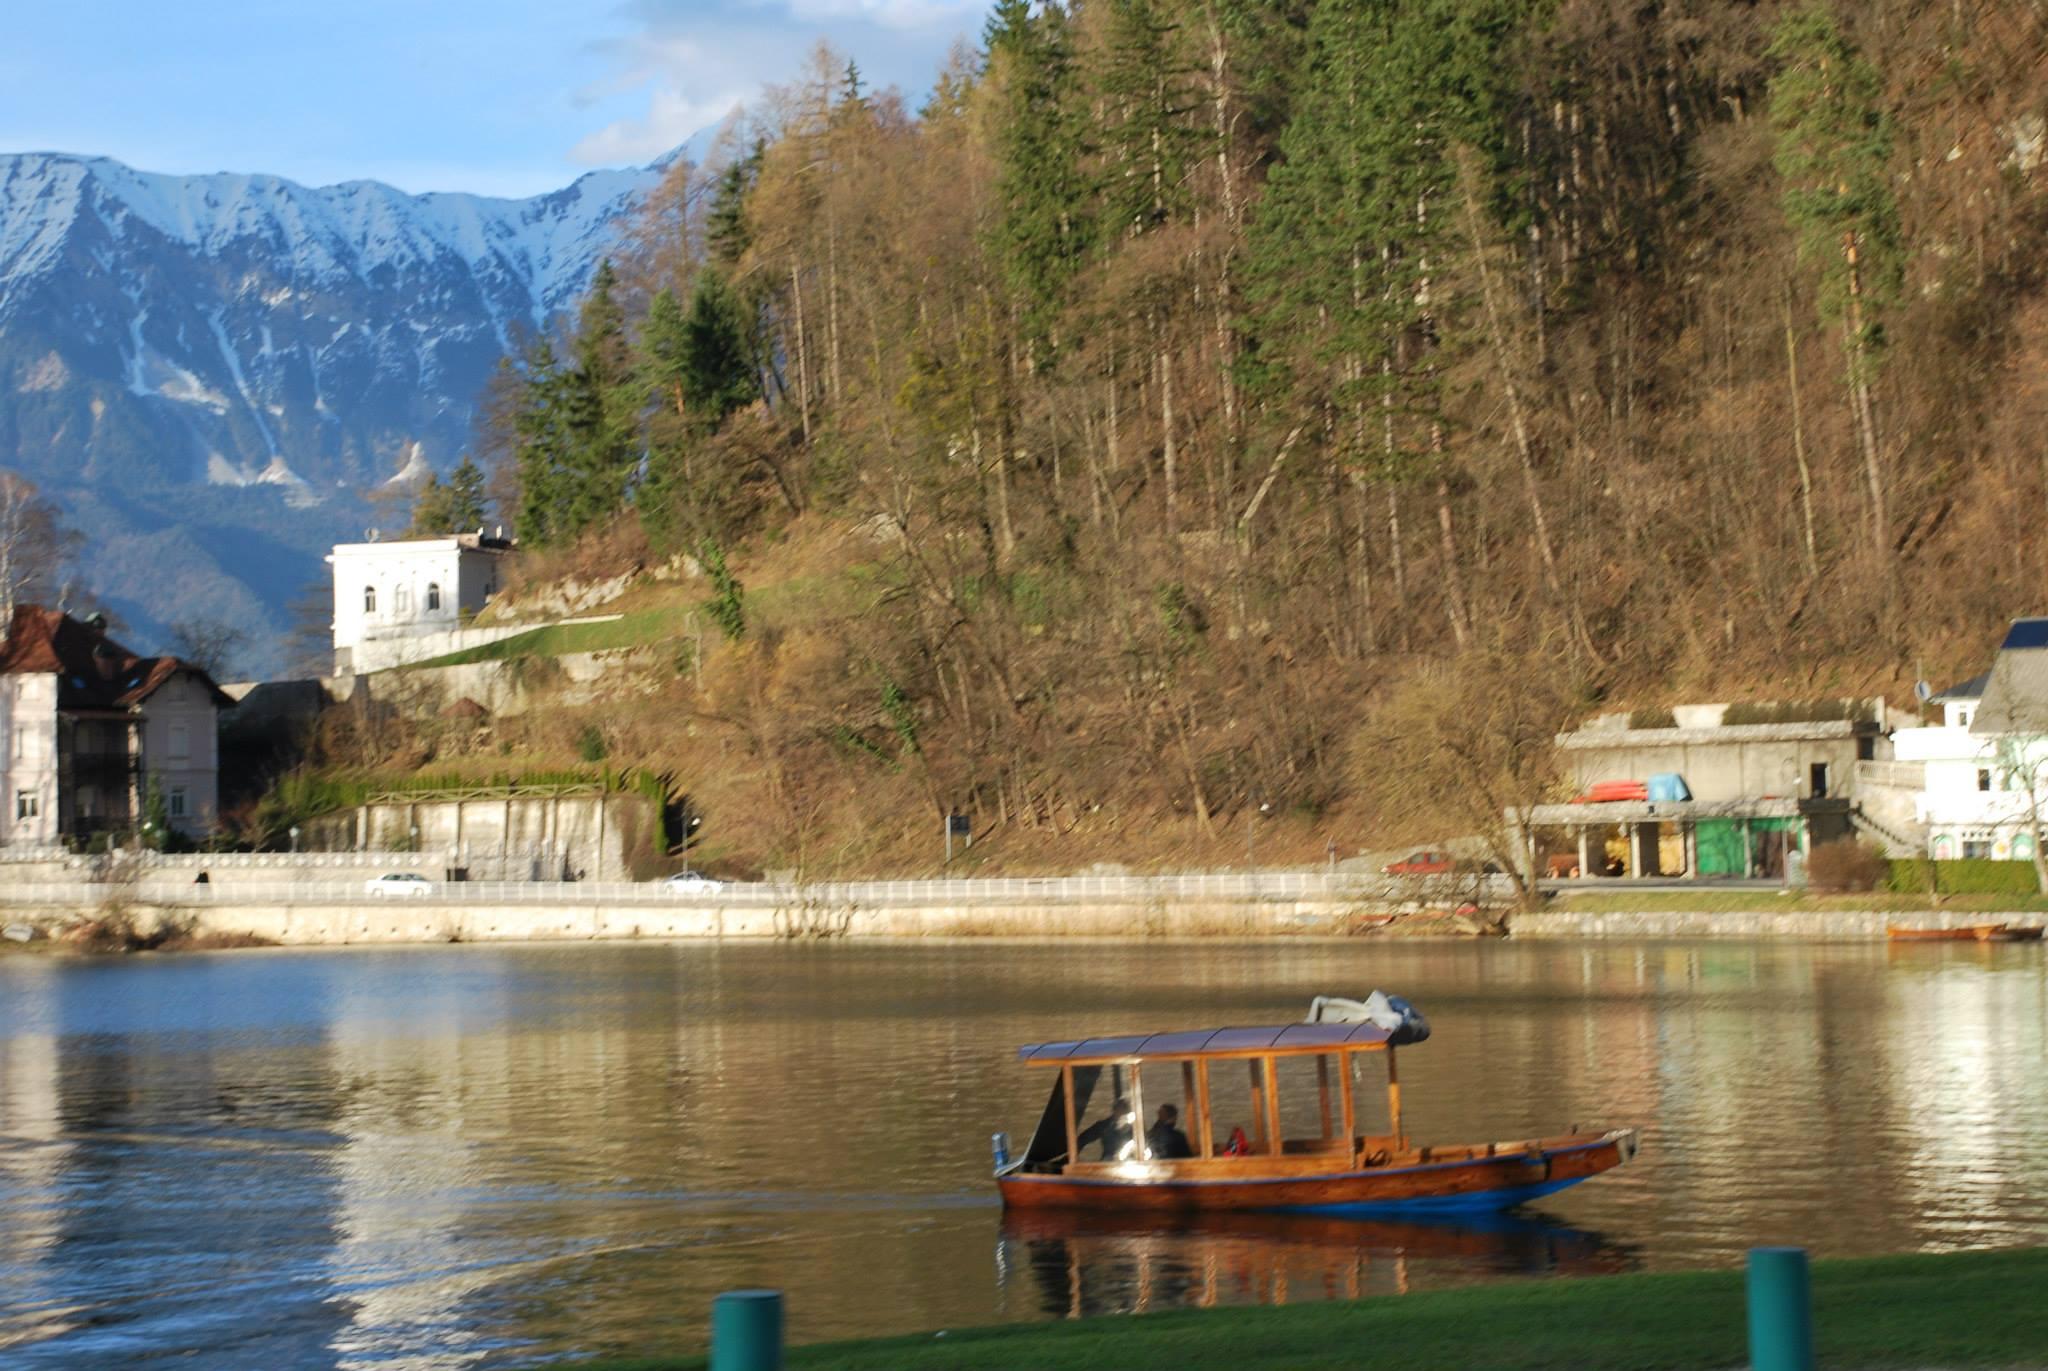 הסירה אל האי שעל אגם בלד